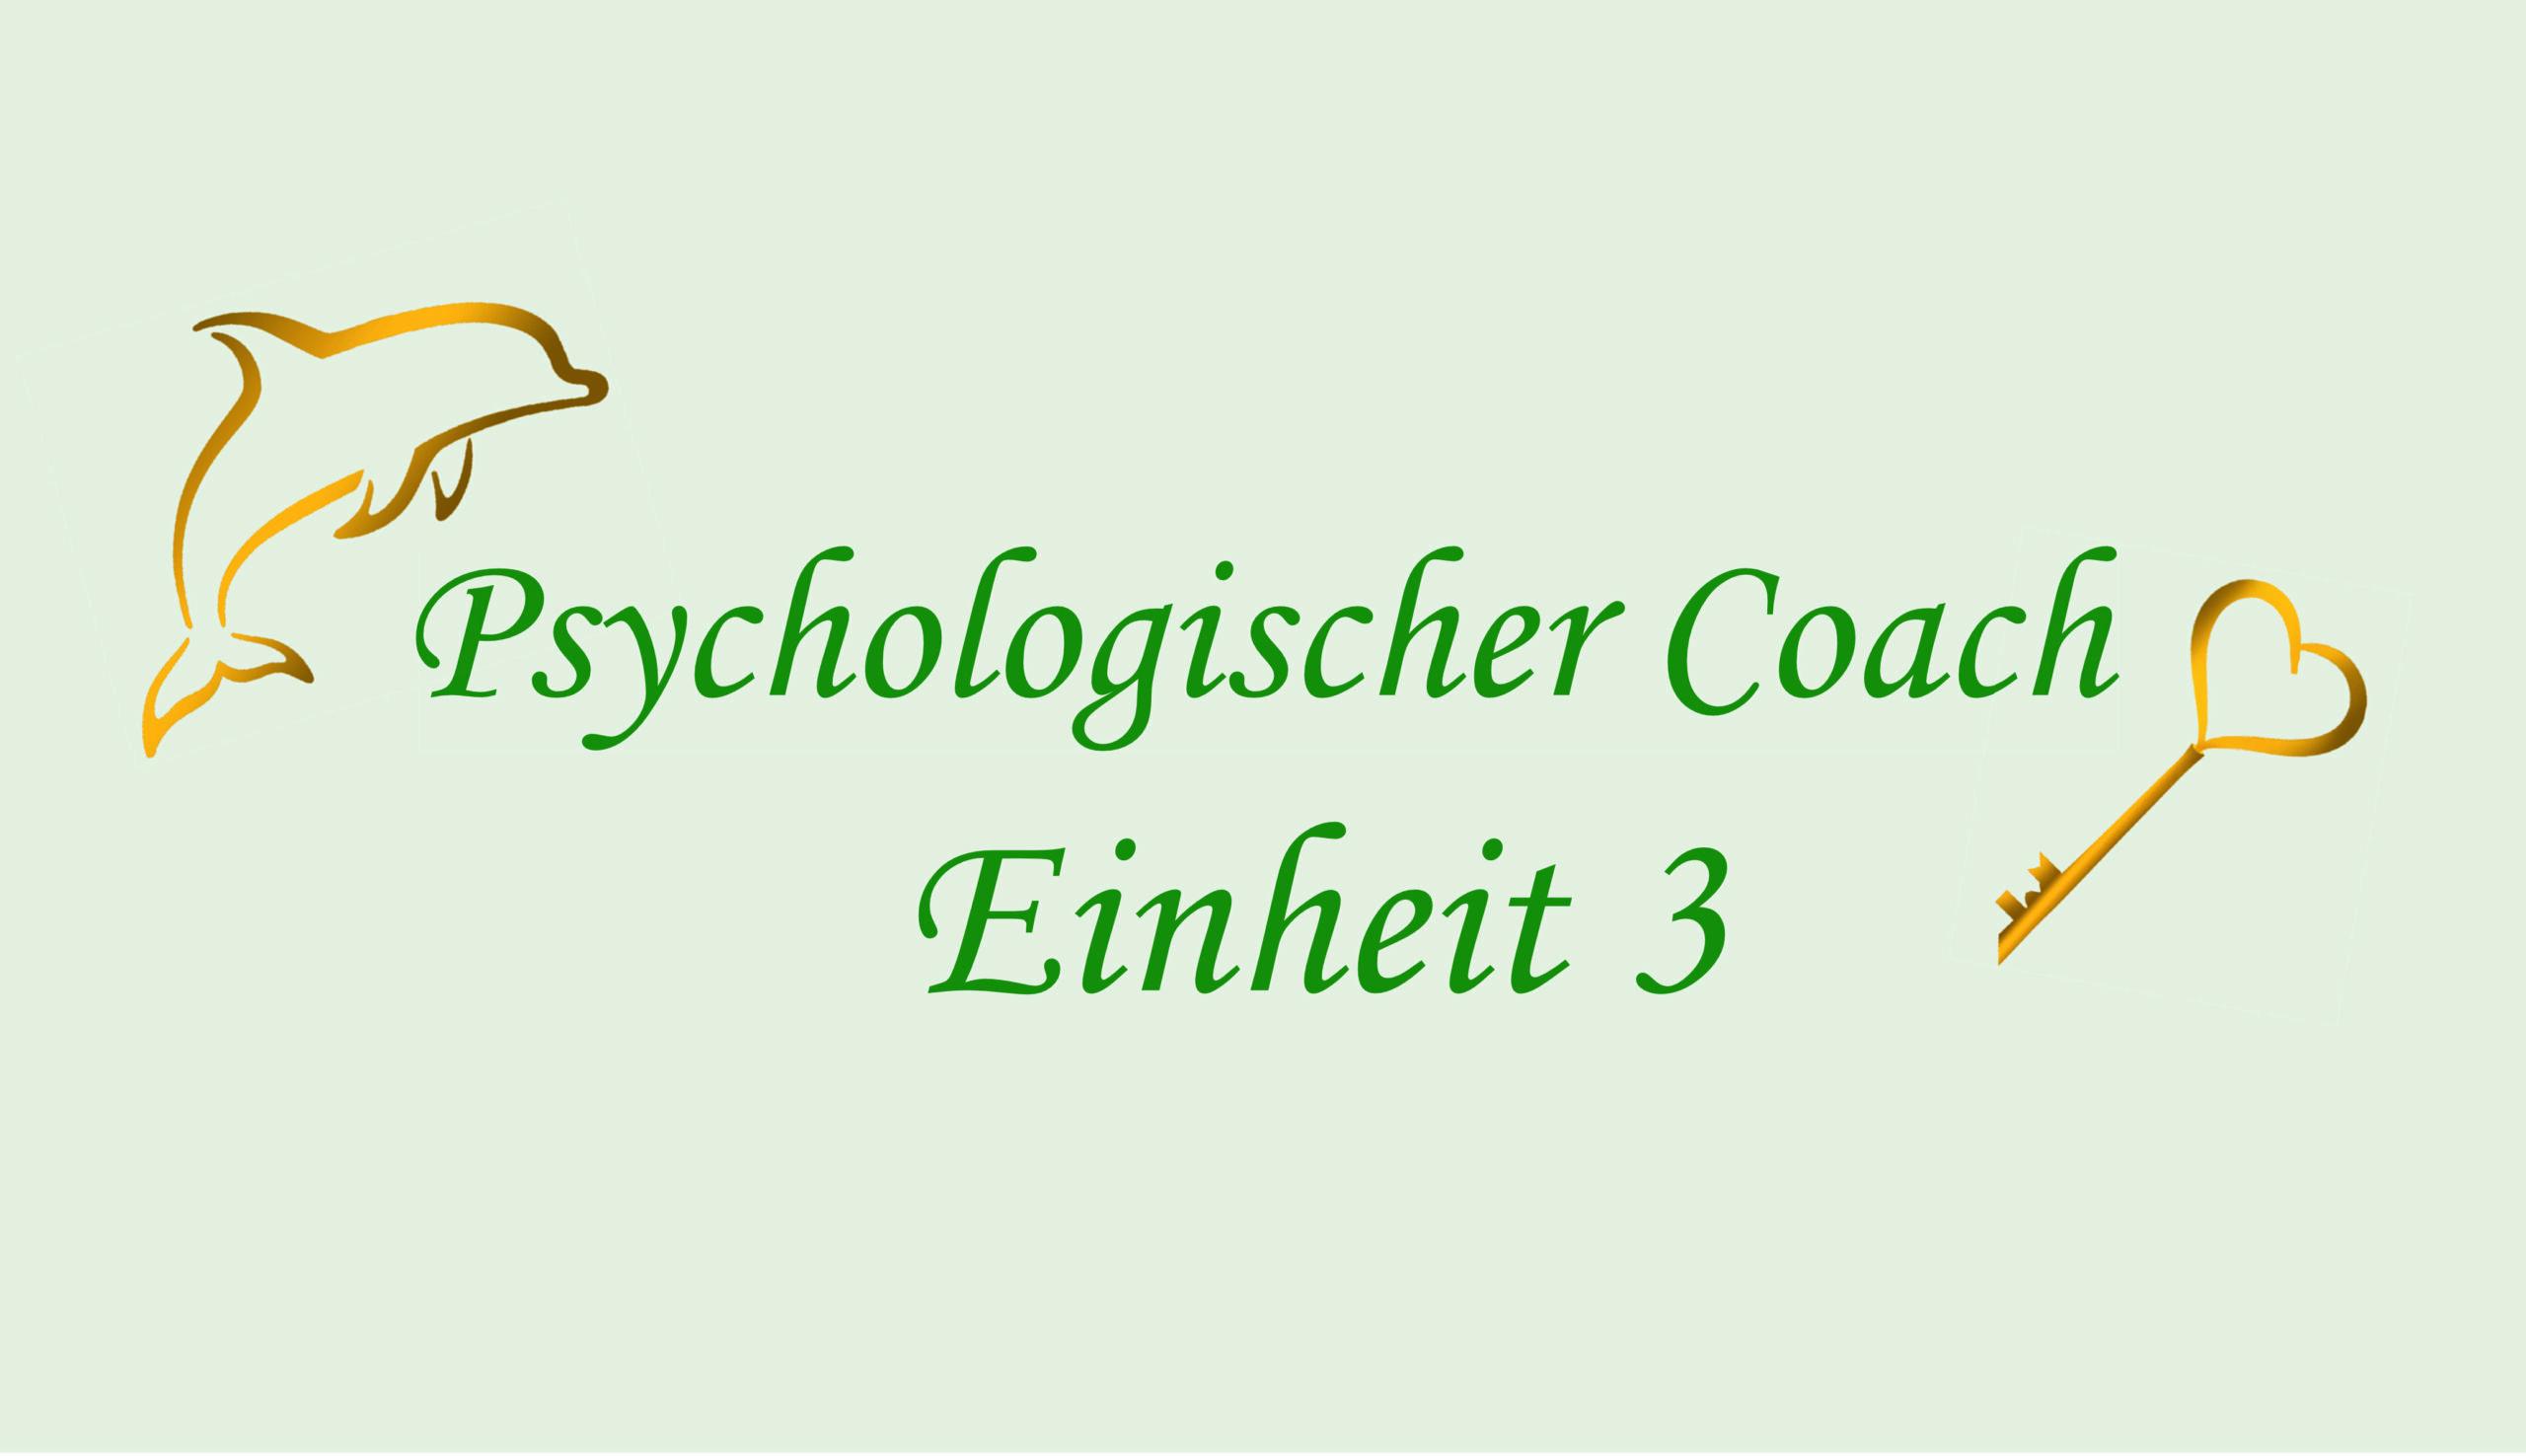 Ausbildung Psychologischer Coach – Einheit 3 (ONLINE)